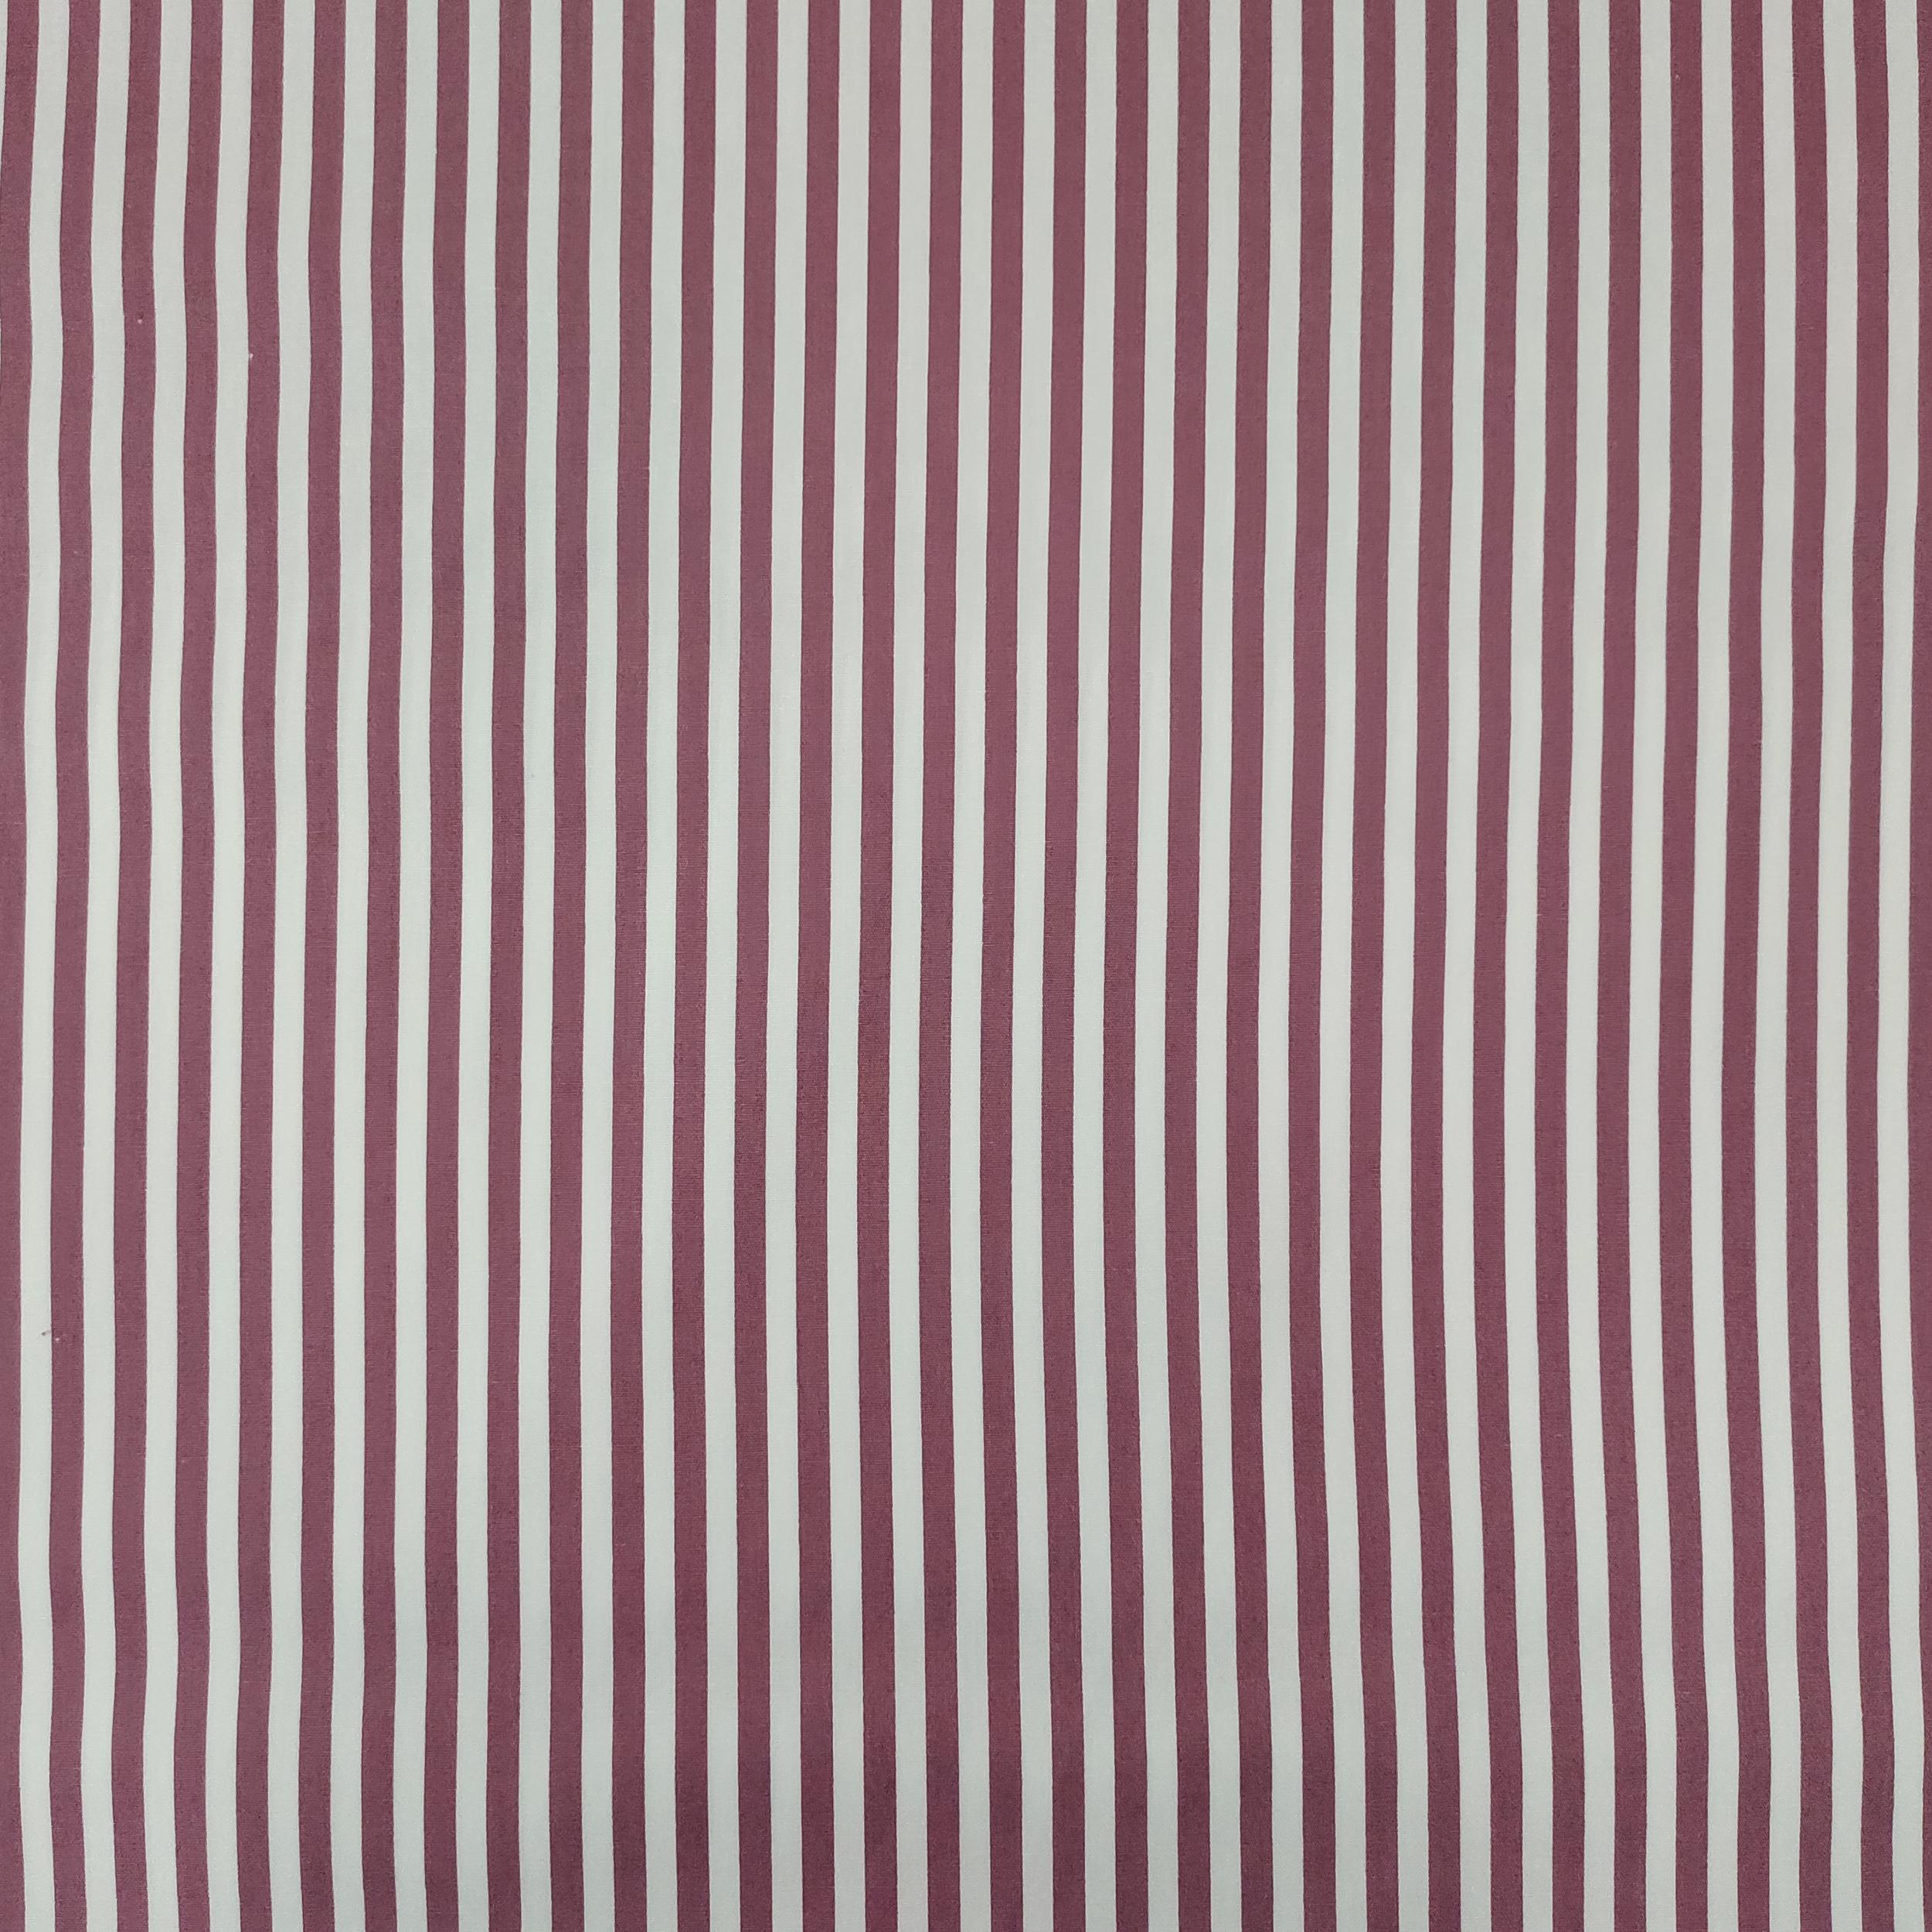 Ritaglio Tessuto Cotone Natural Righe Bianche e Vinaccia 50x140 cm